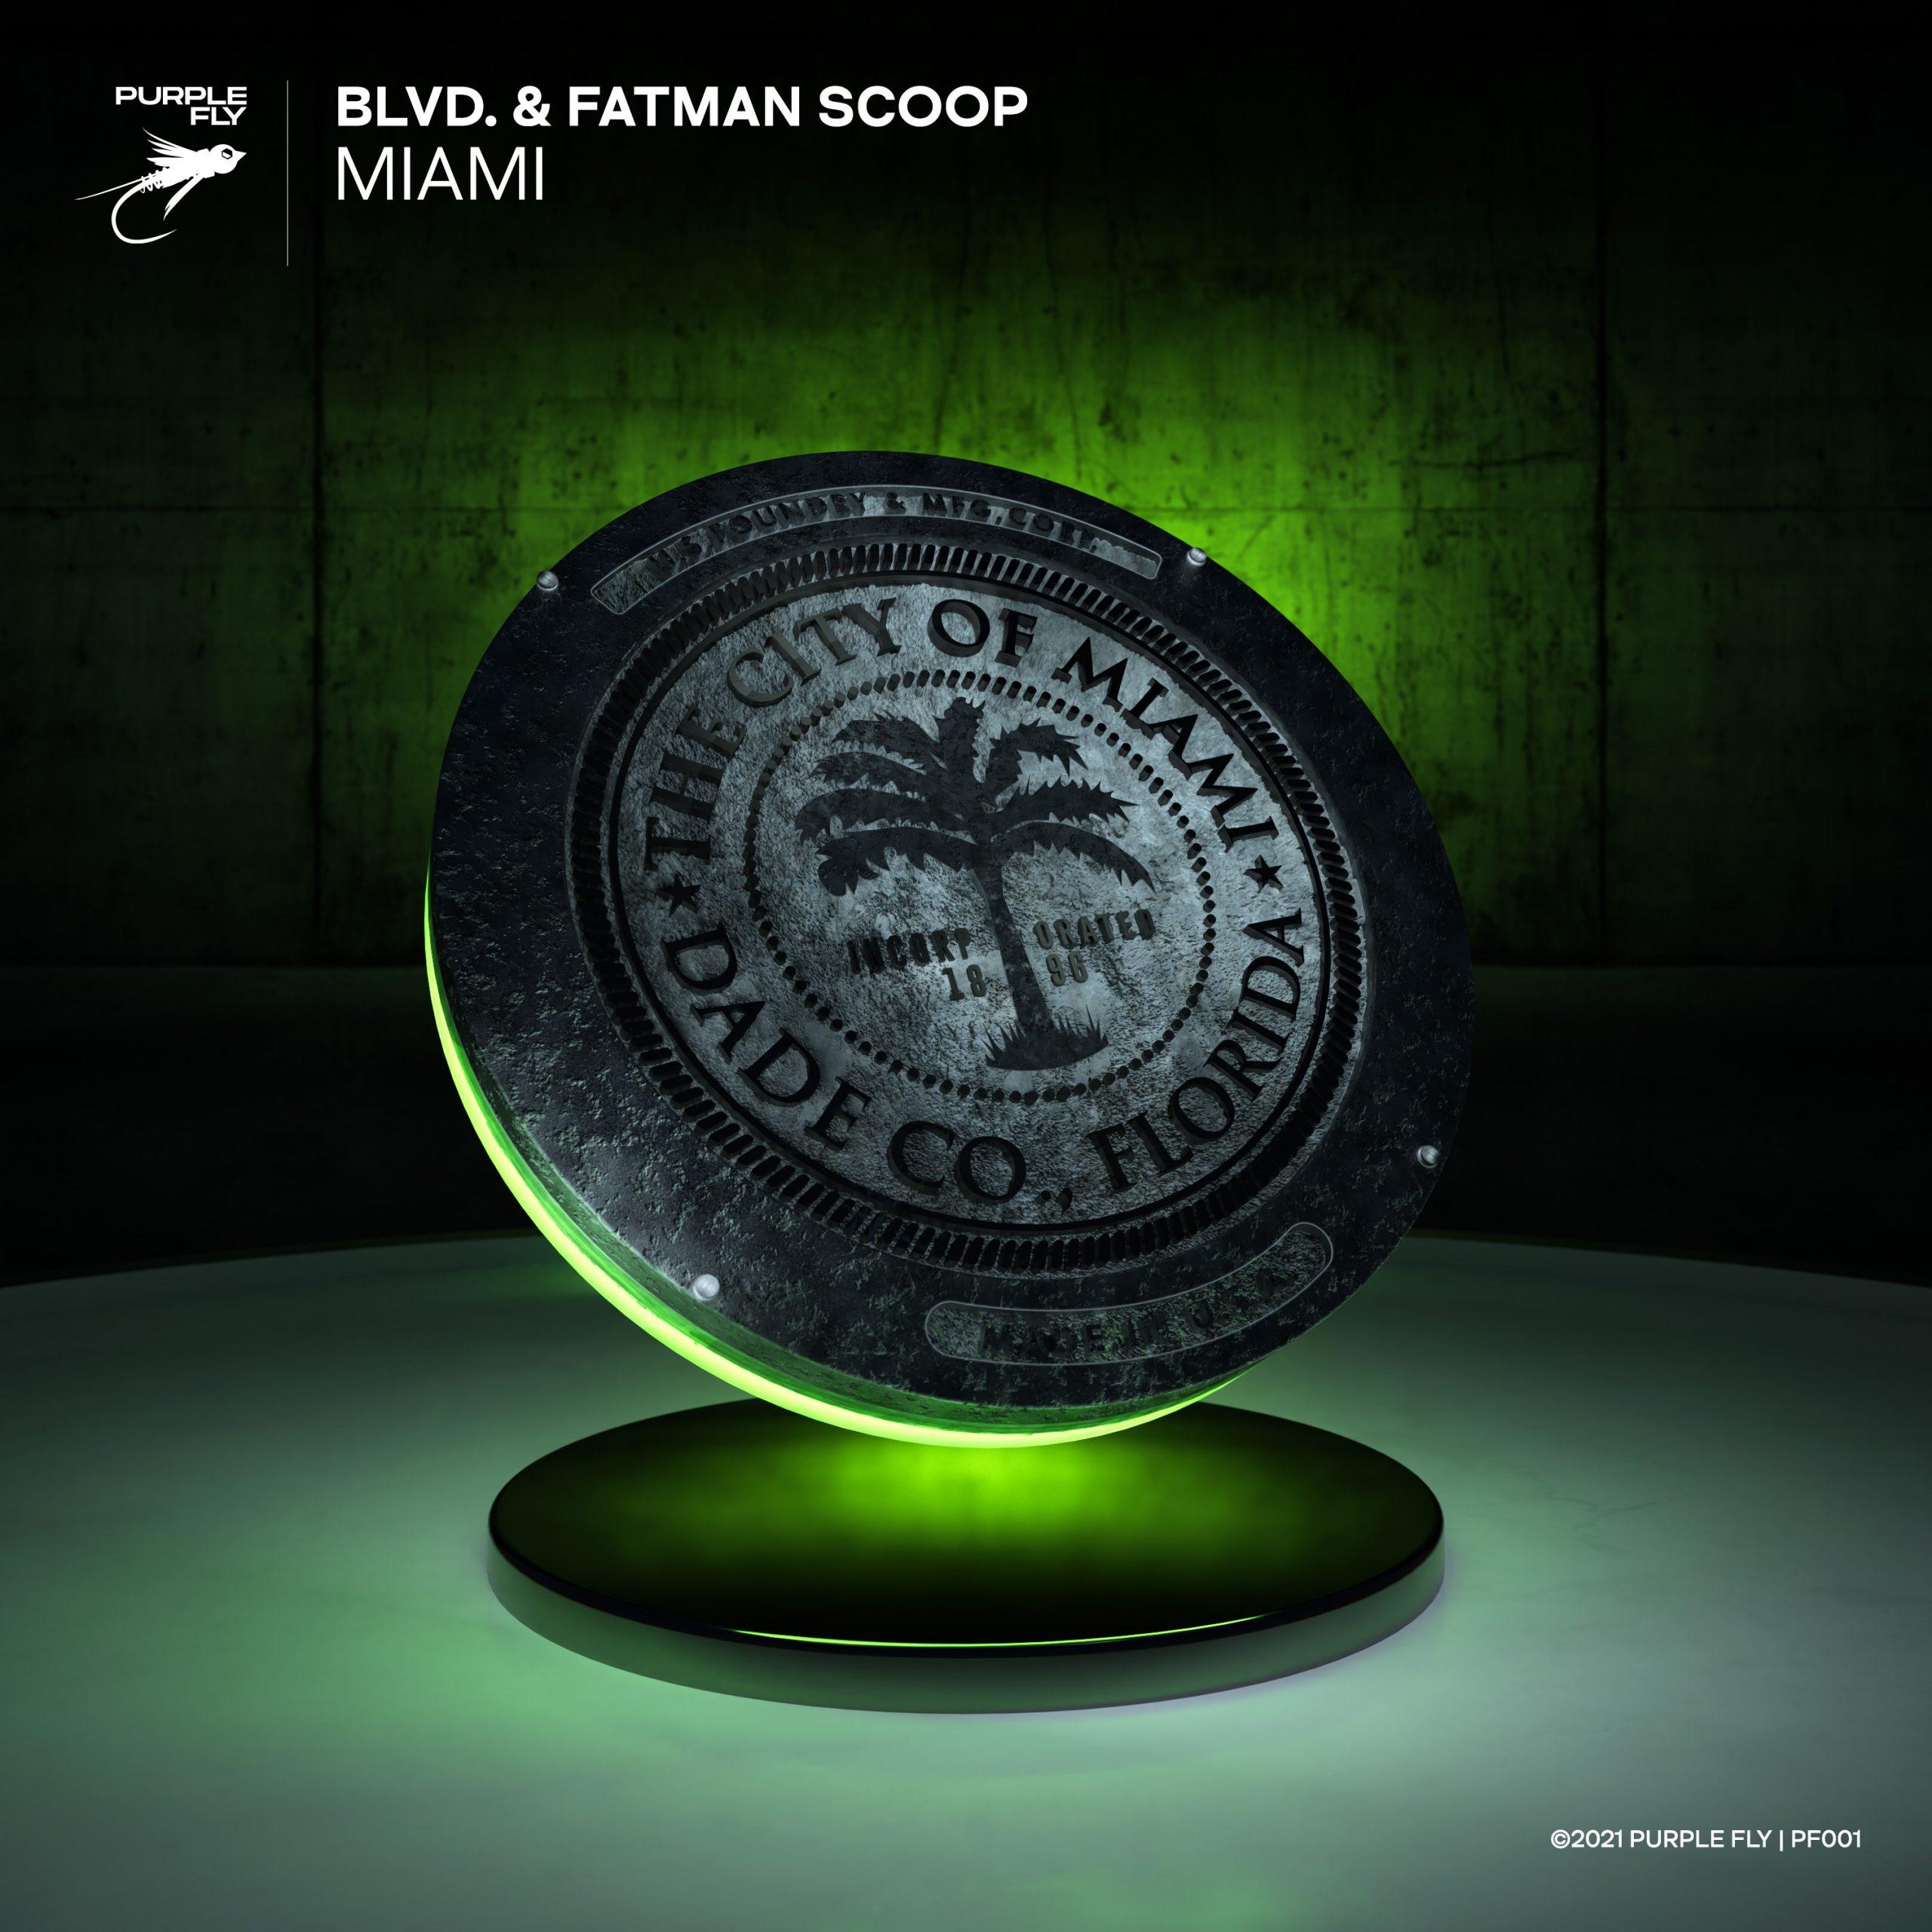 BLVD Fatman Scoop Miami